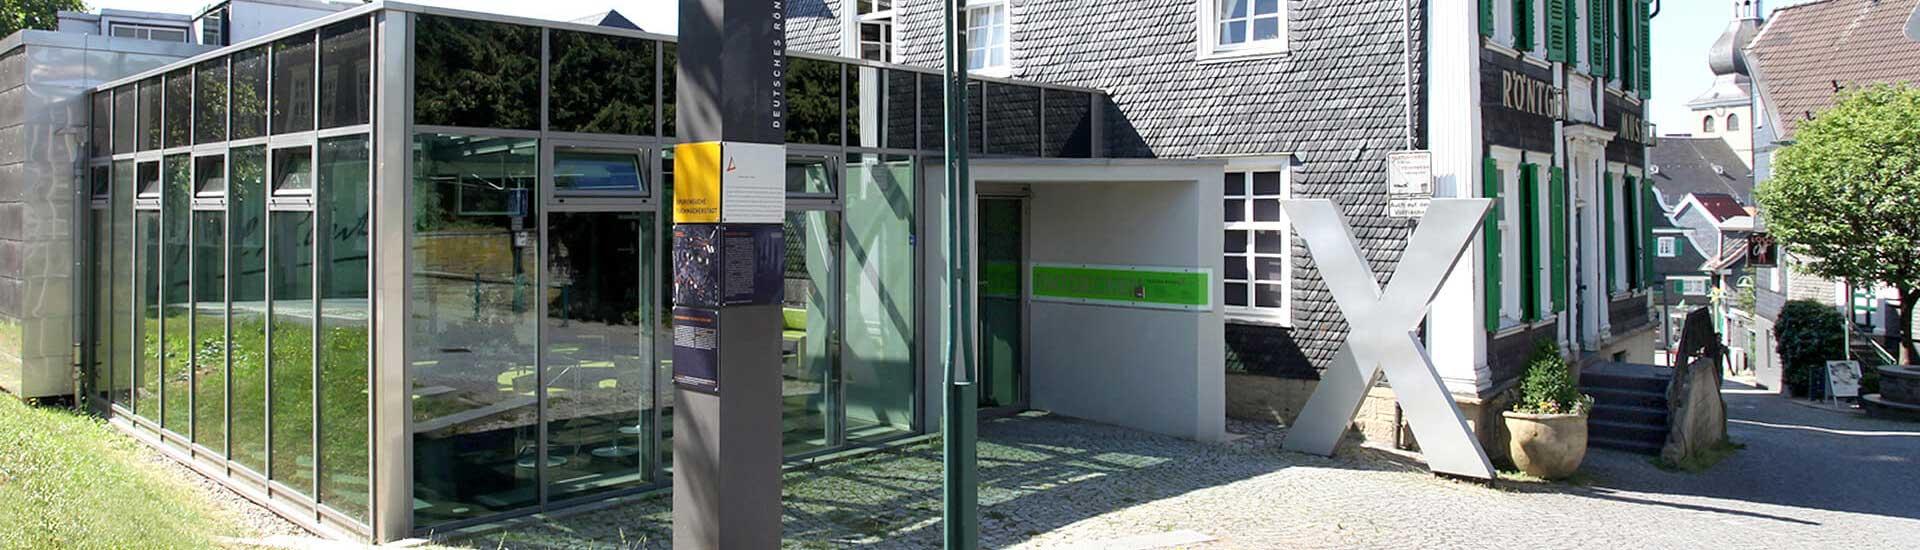 Frontansicht des Museums in Hervorhebung des neuen Anbaus